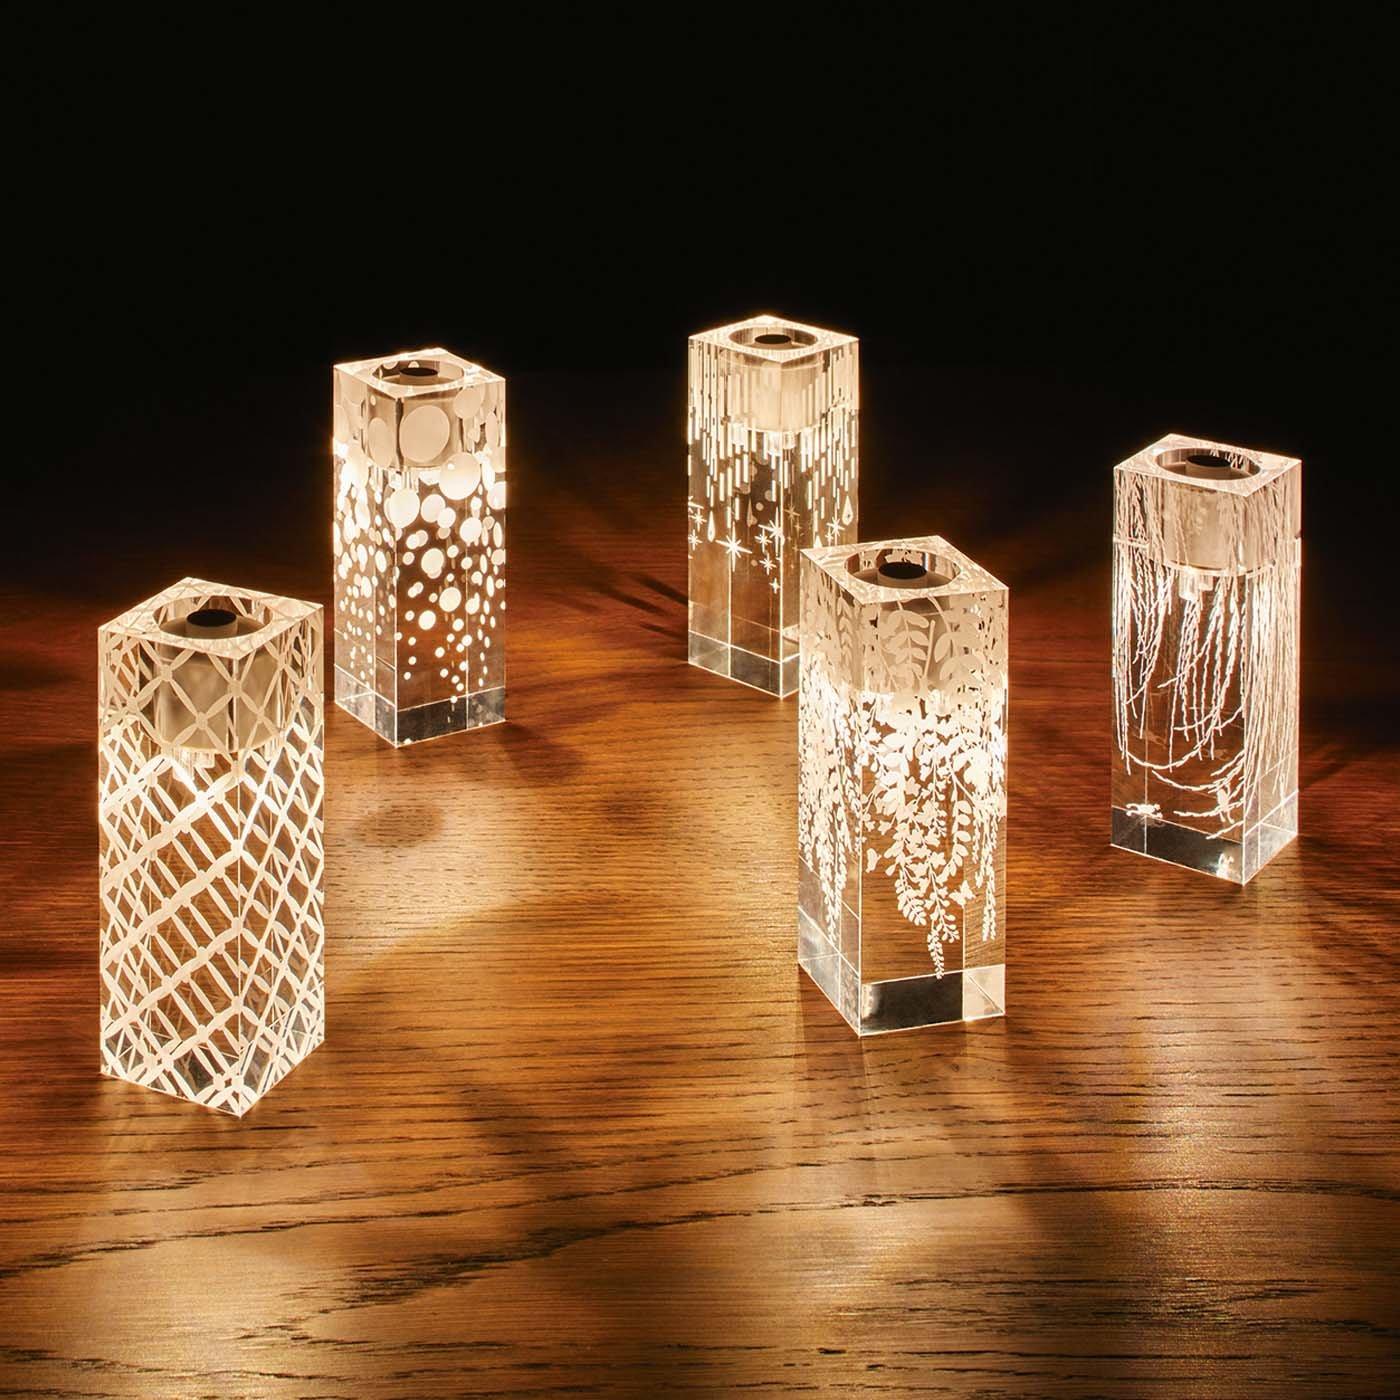 世界一透明な懐中電灯 トゥインクルライト